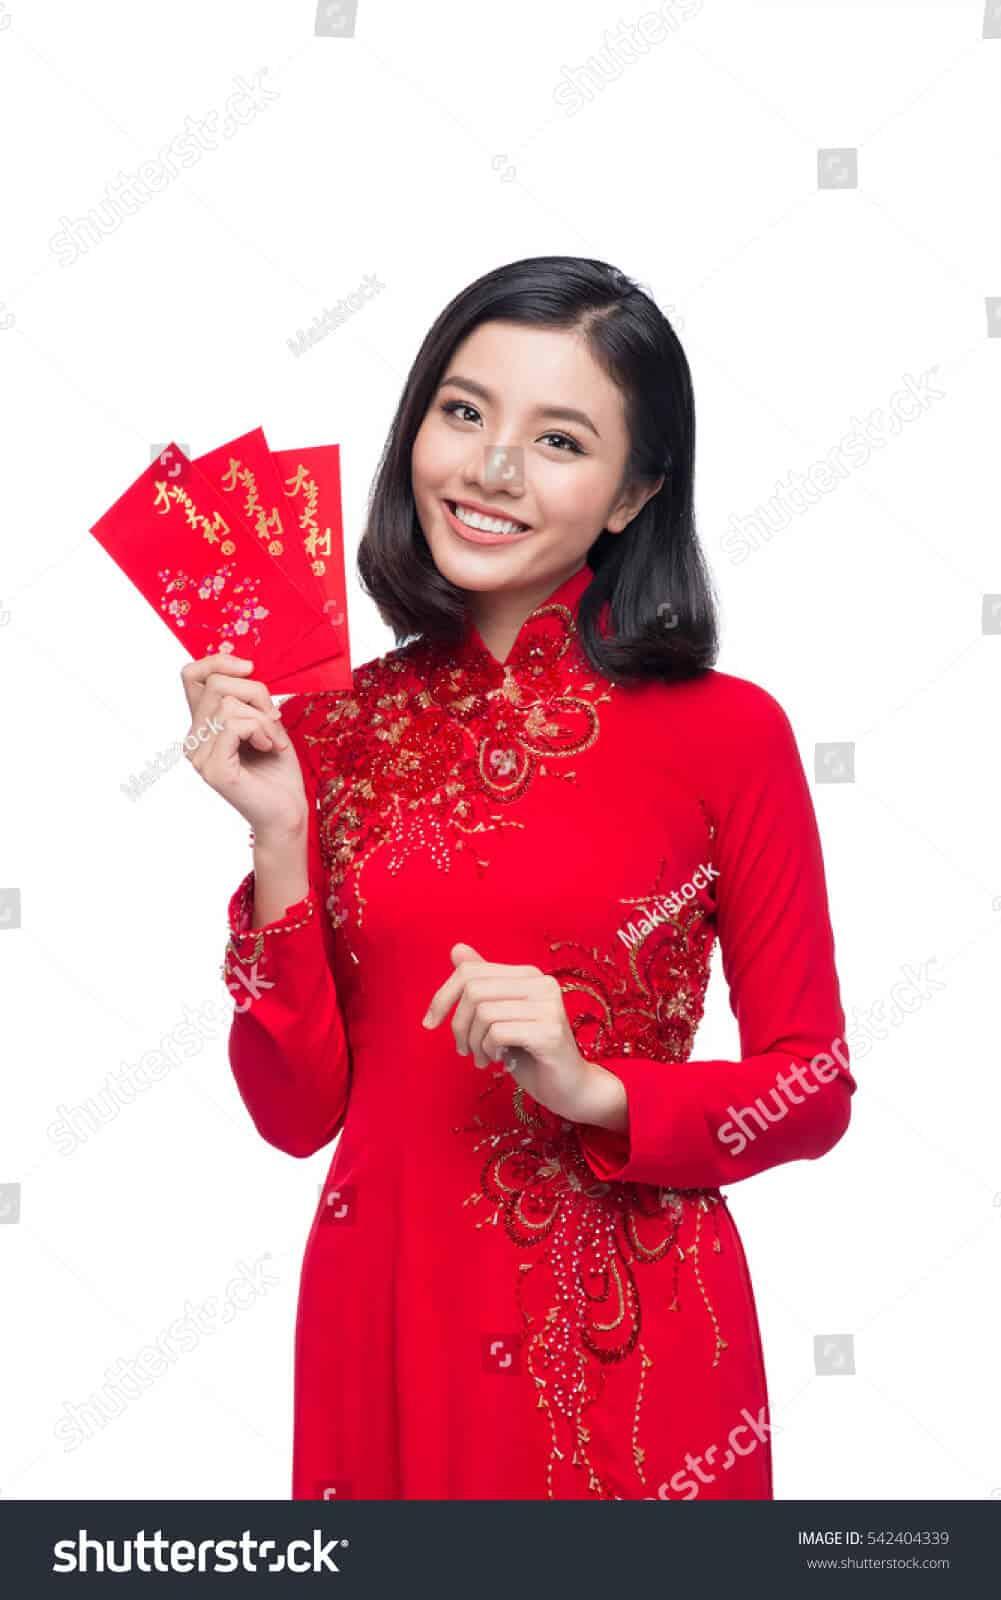 1 ngàn hình ảnh áo dài ngày Tết chất lượng cao dành cho in ấn